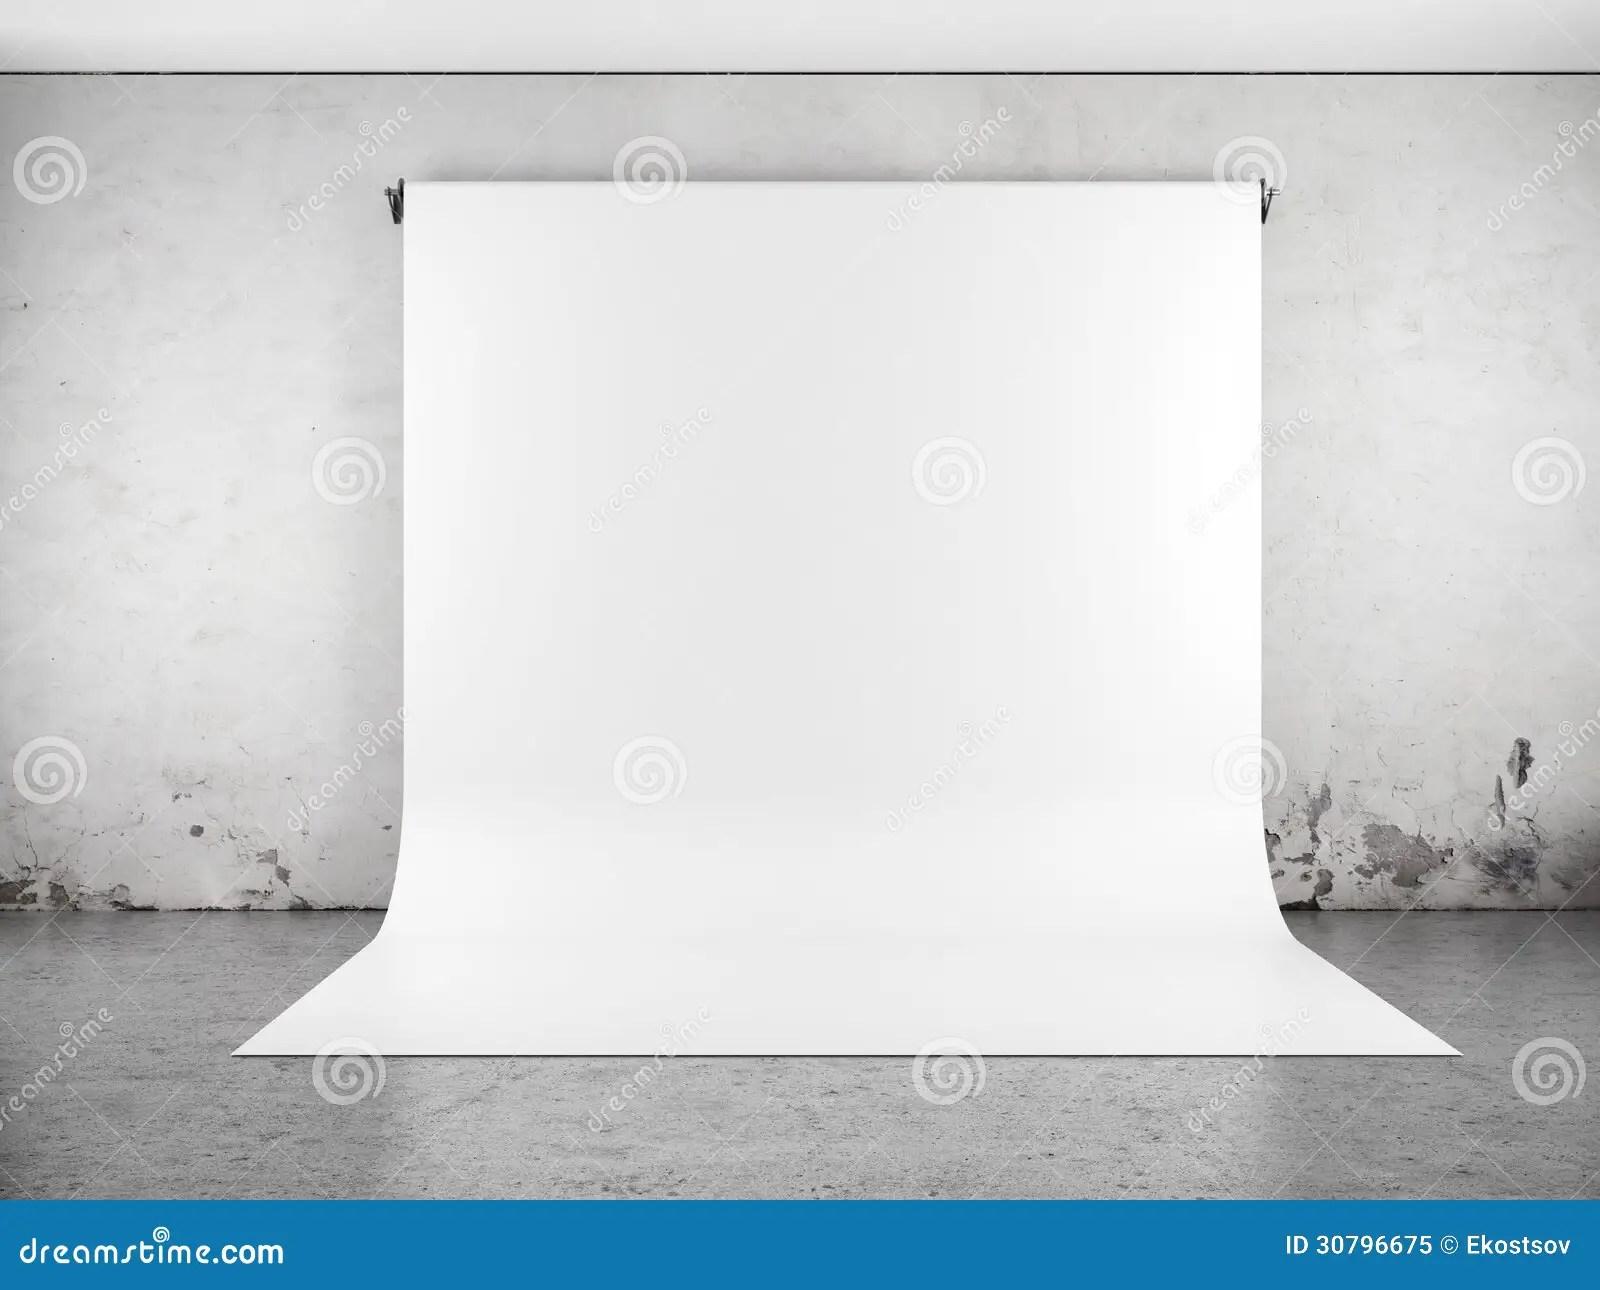 Black White Square Wallpaper White Backdrop In Room Stock Illustration Image Of Banner